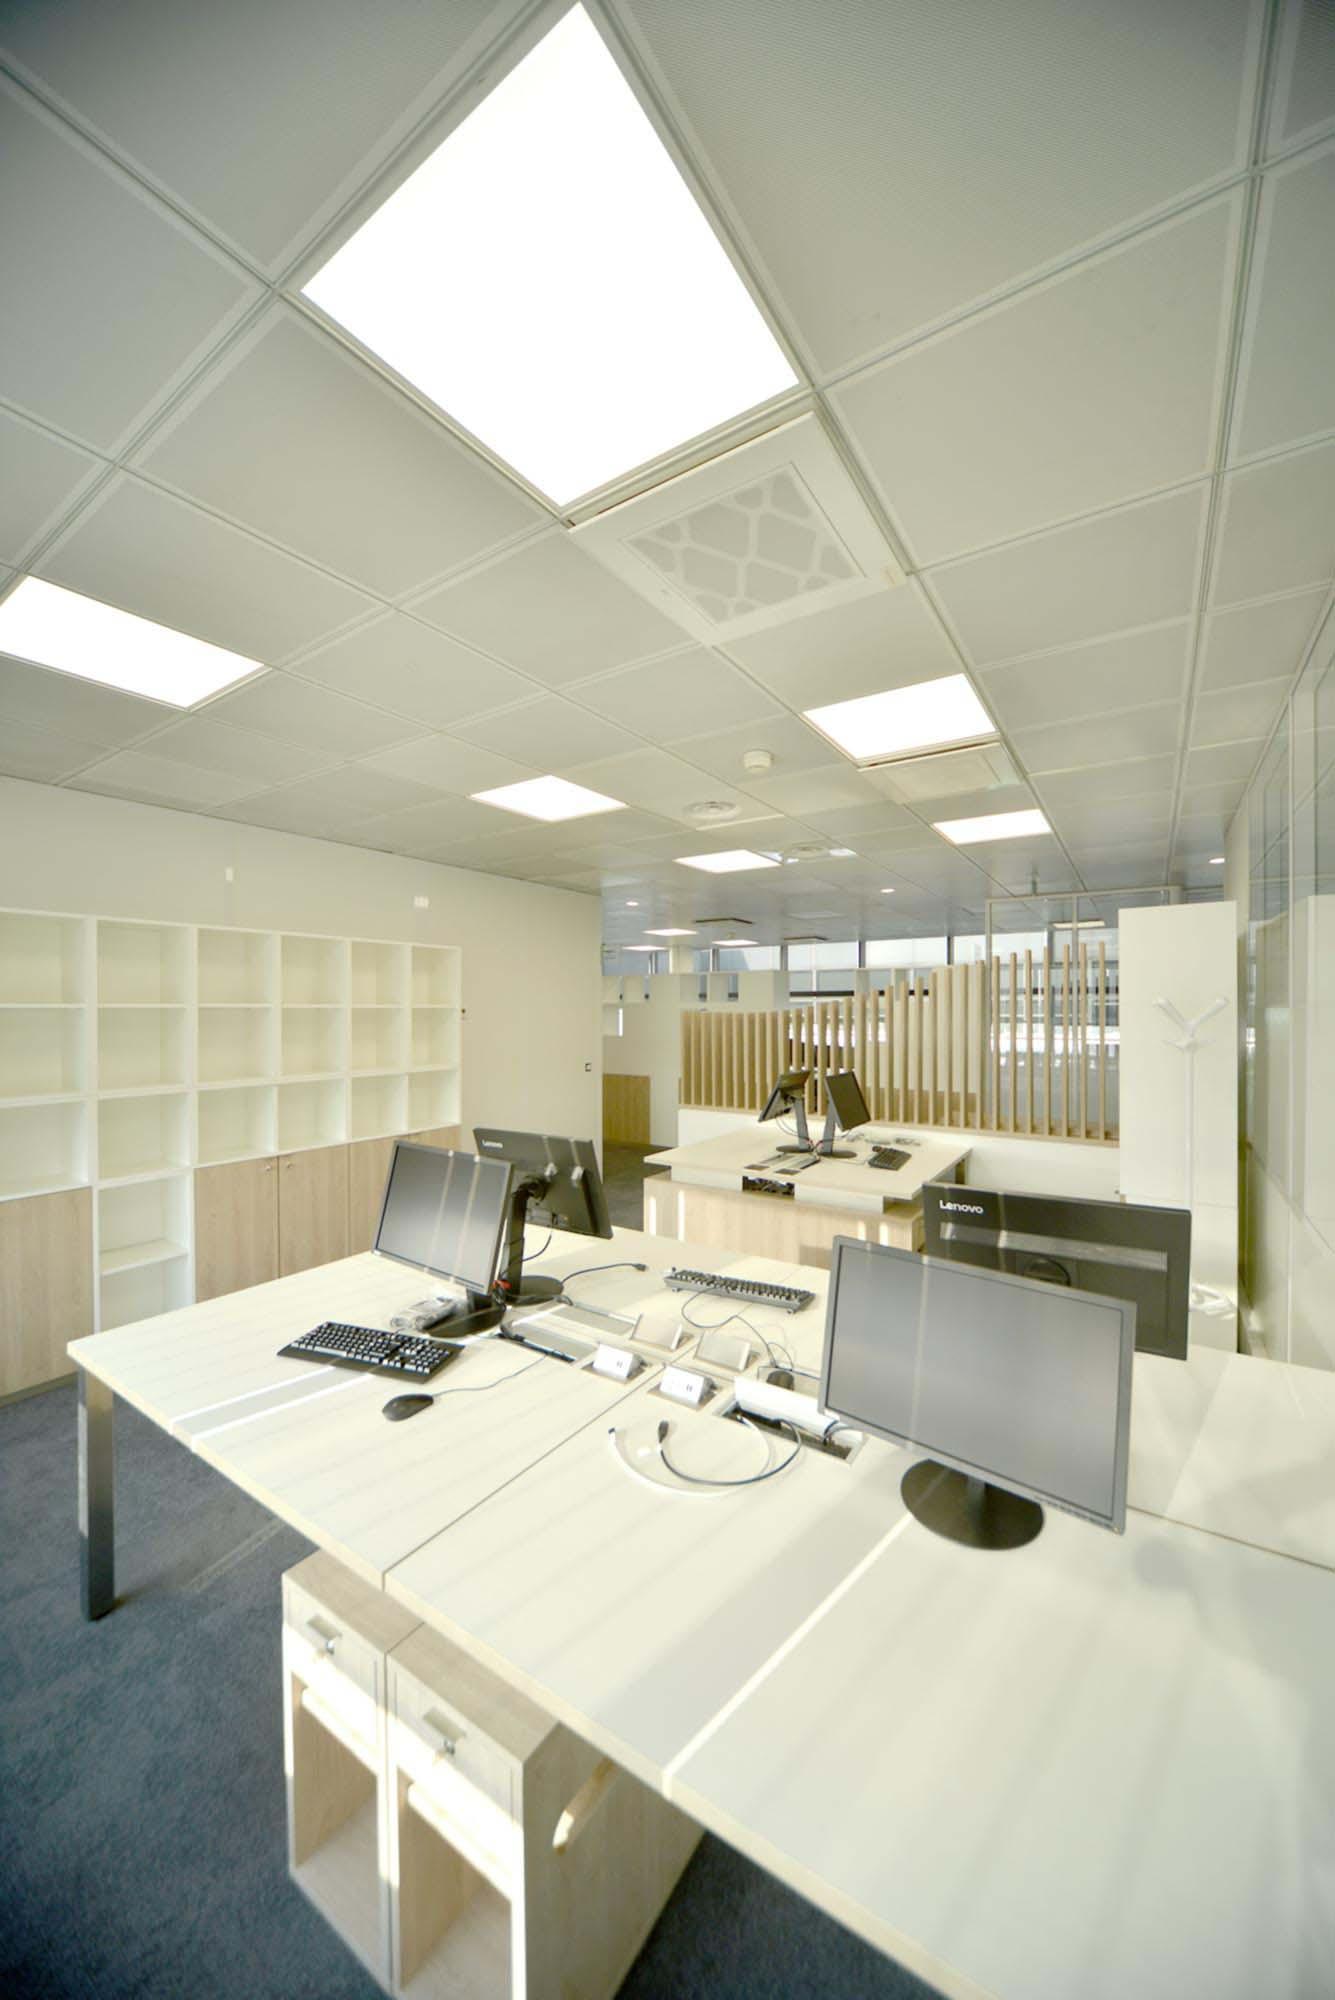 Raf Listowski Atelier d'Architecture création service clients hub Air France aéroport Roissy Charles de Gaulle aérogare 2E niveau arrivée Paris